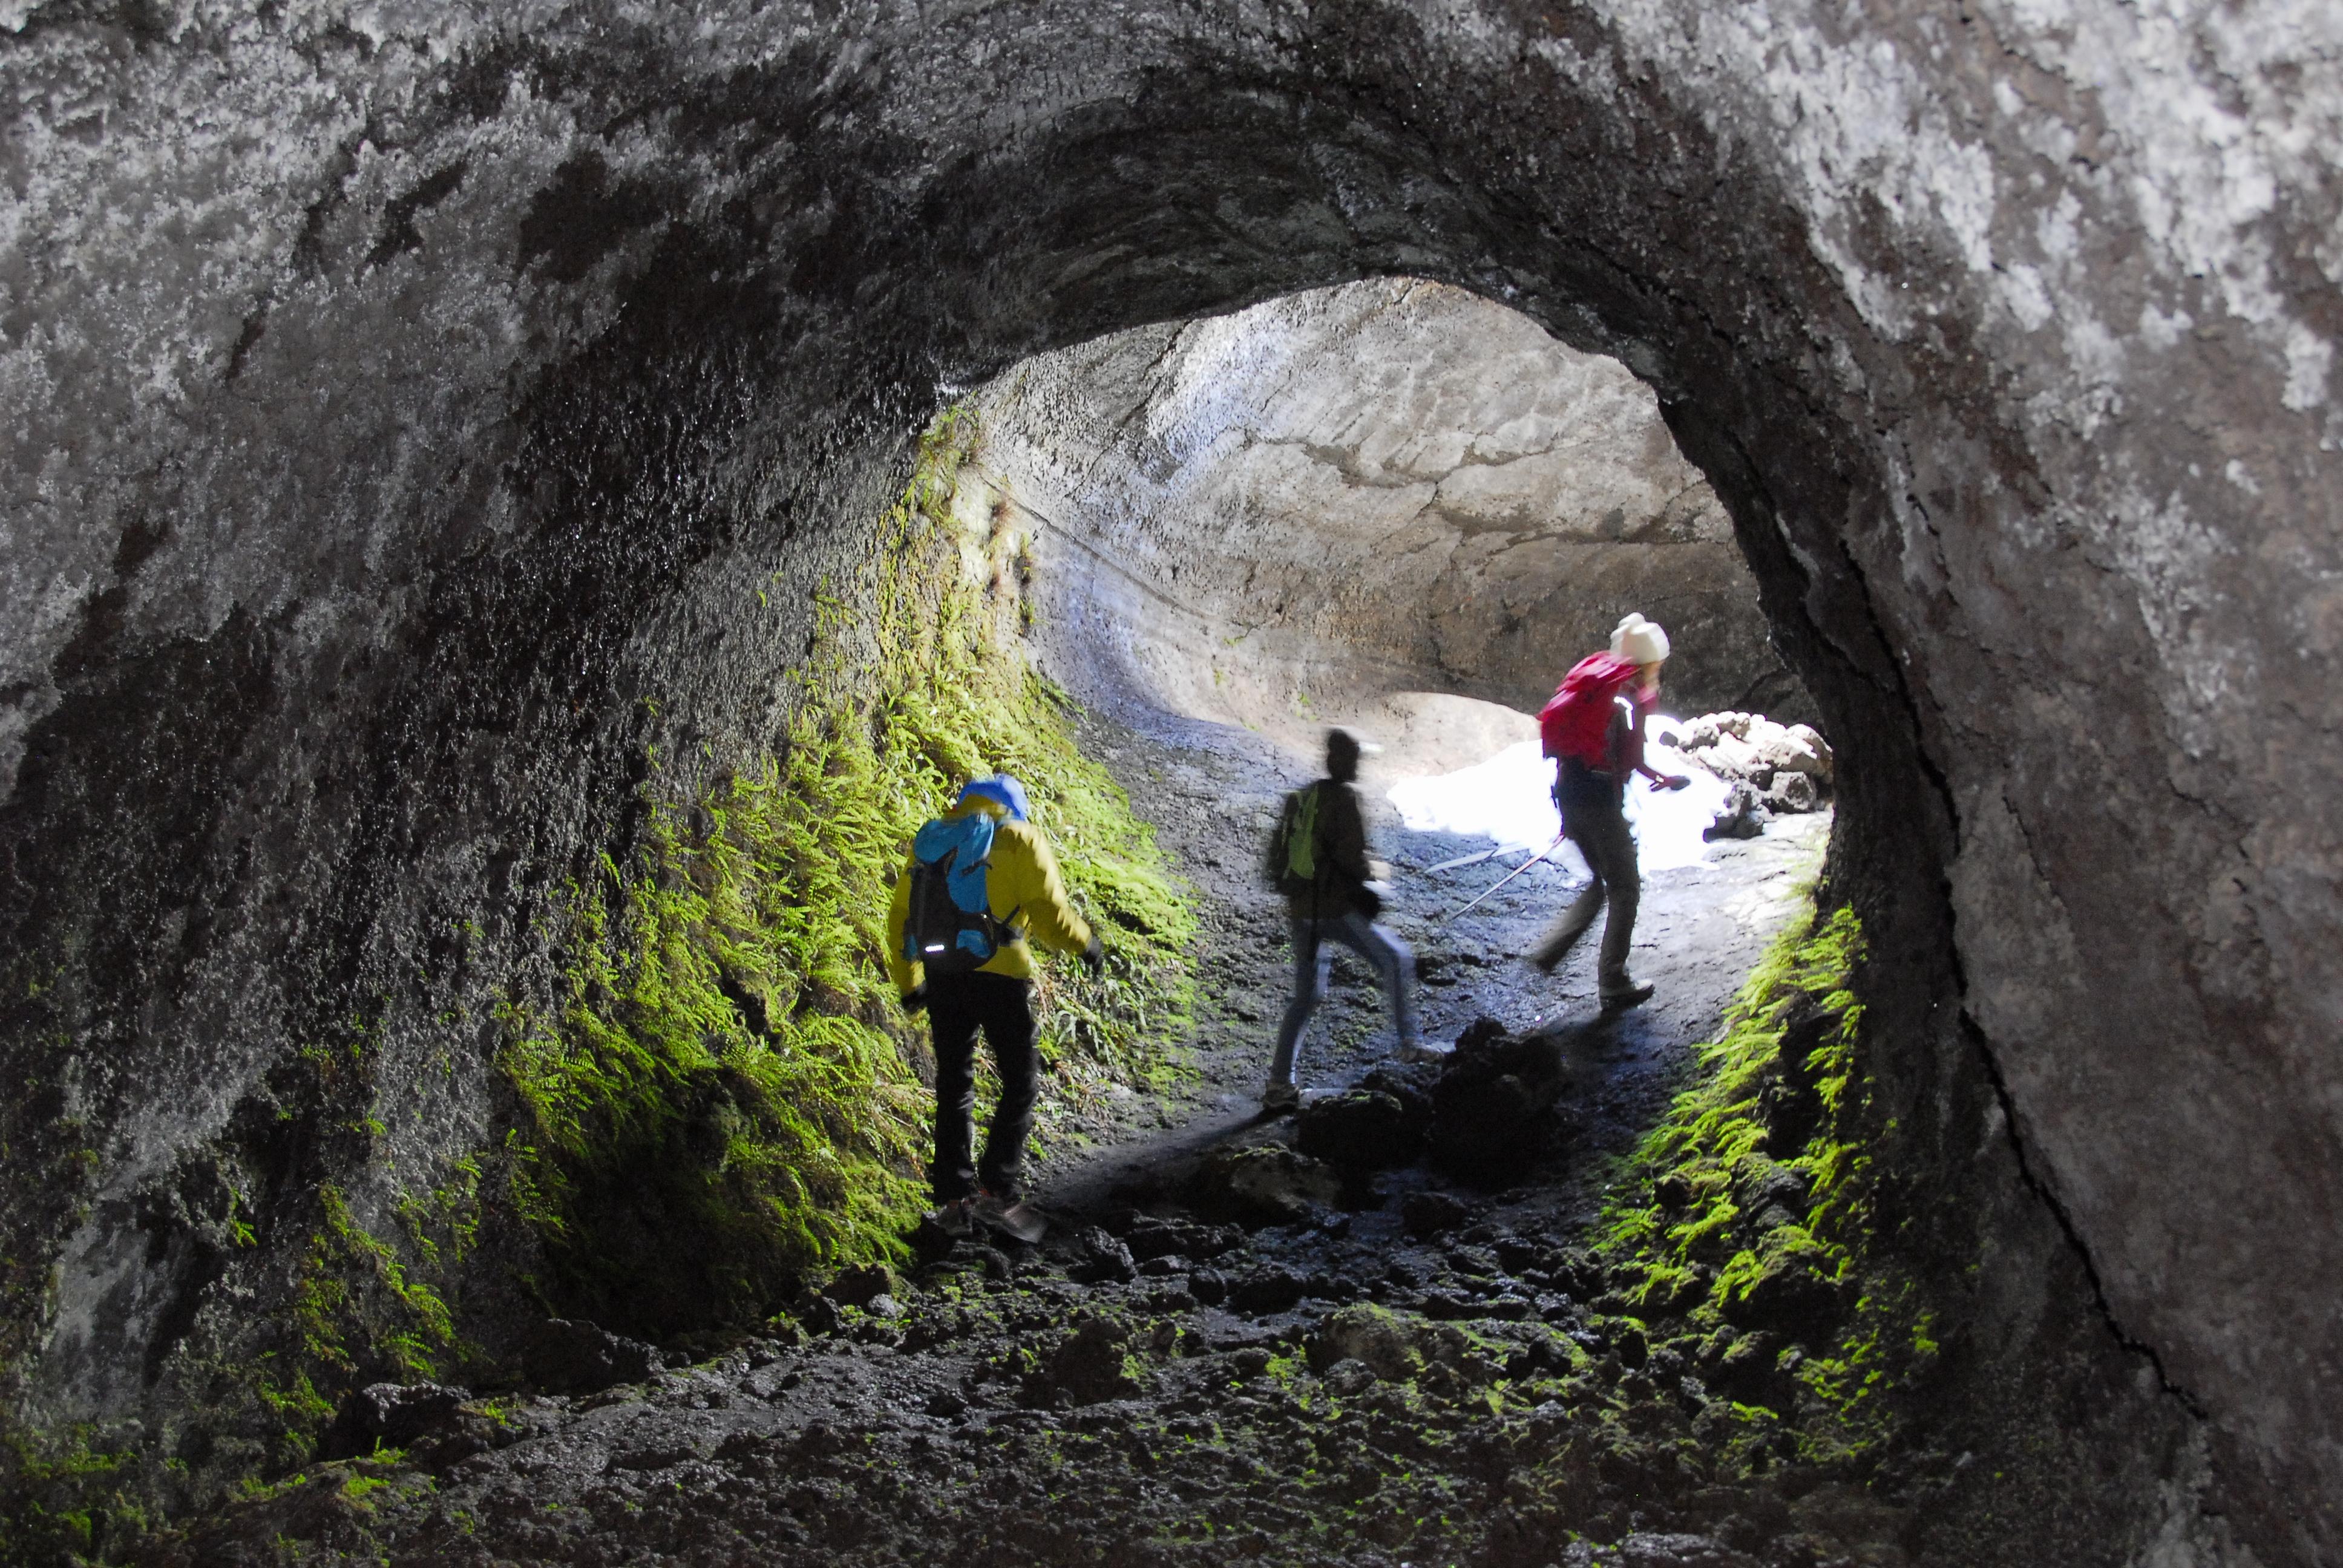 Les grottes laviques, créées par la lave en fusion